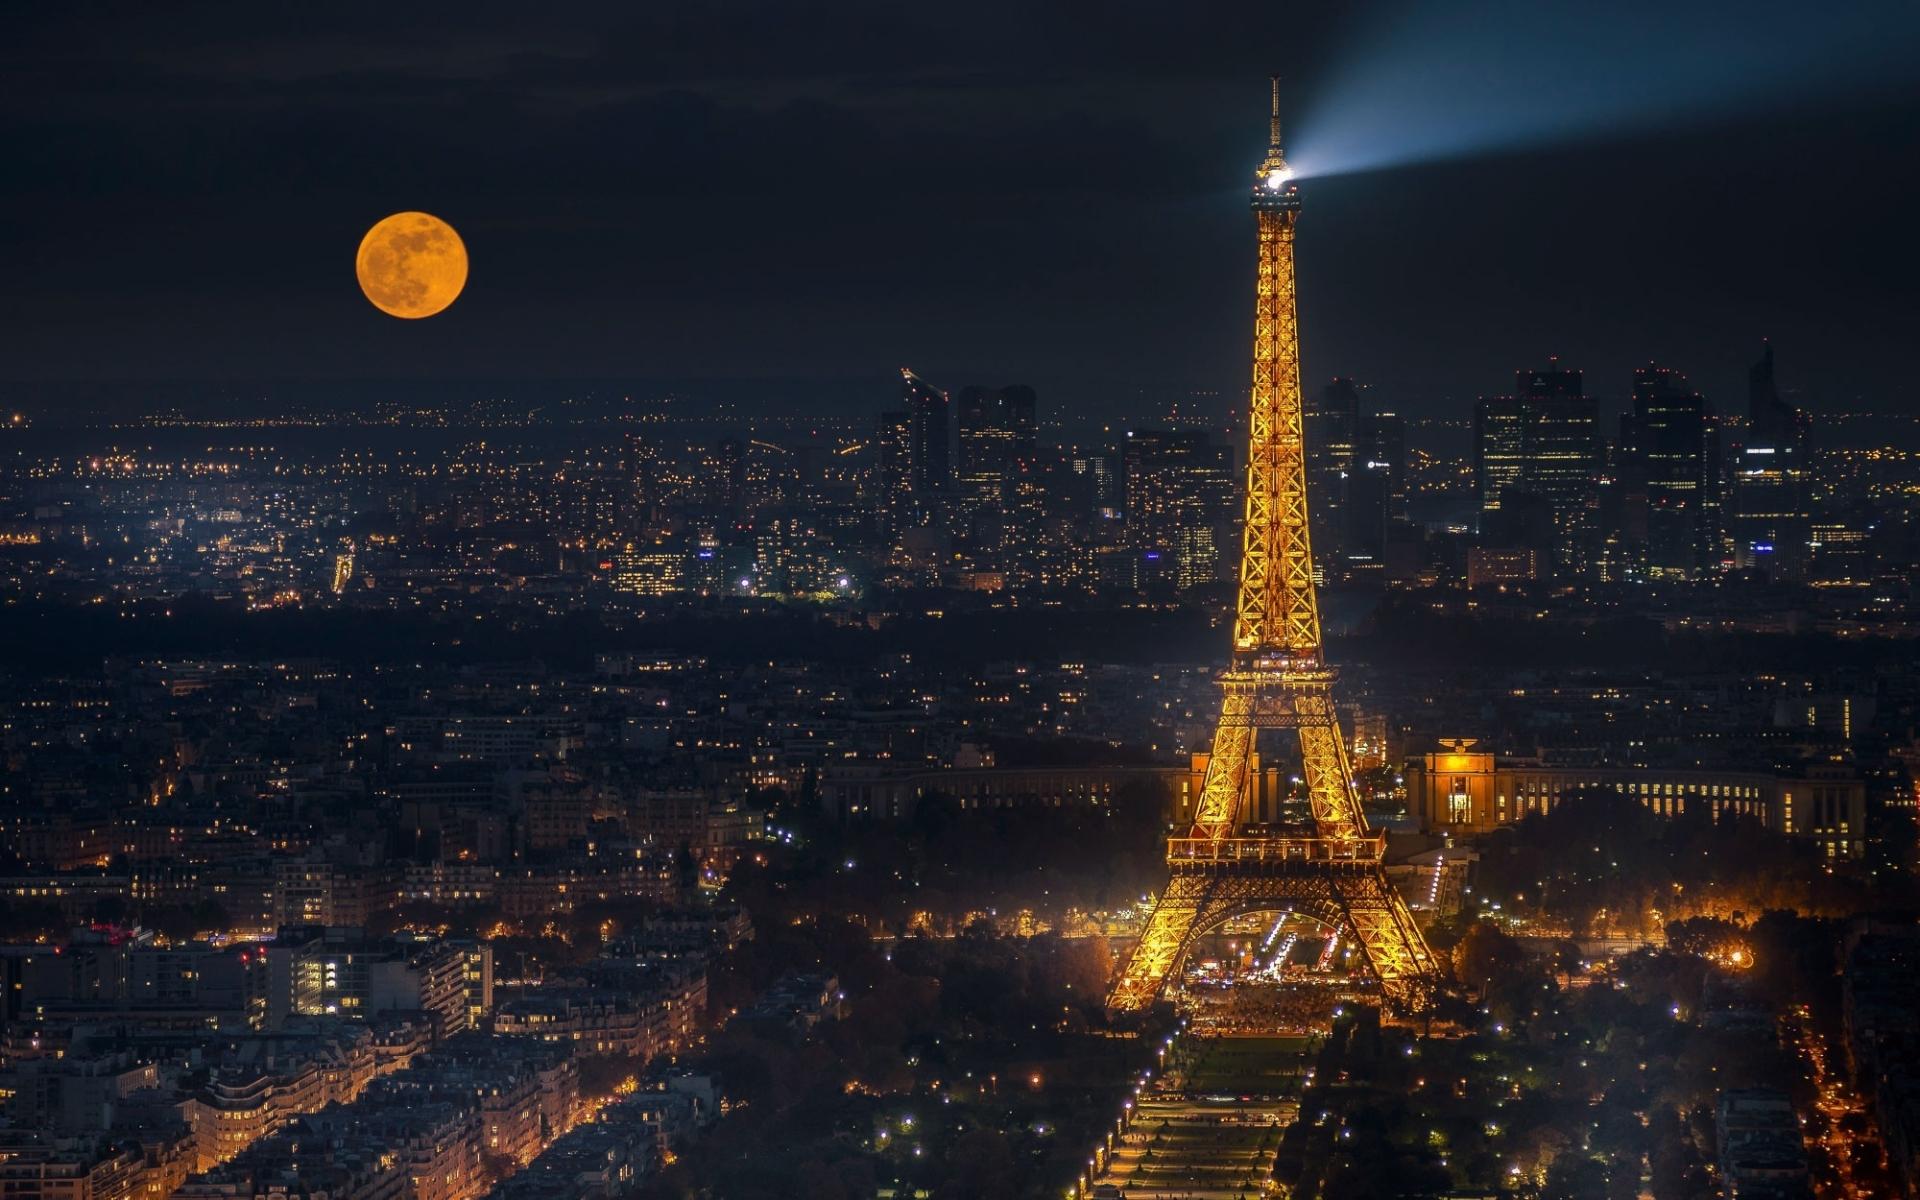 Eiffel Tower Cityscape In Moon Night, Full HD 2K Wallpaper